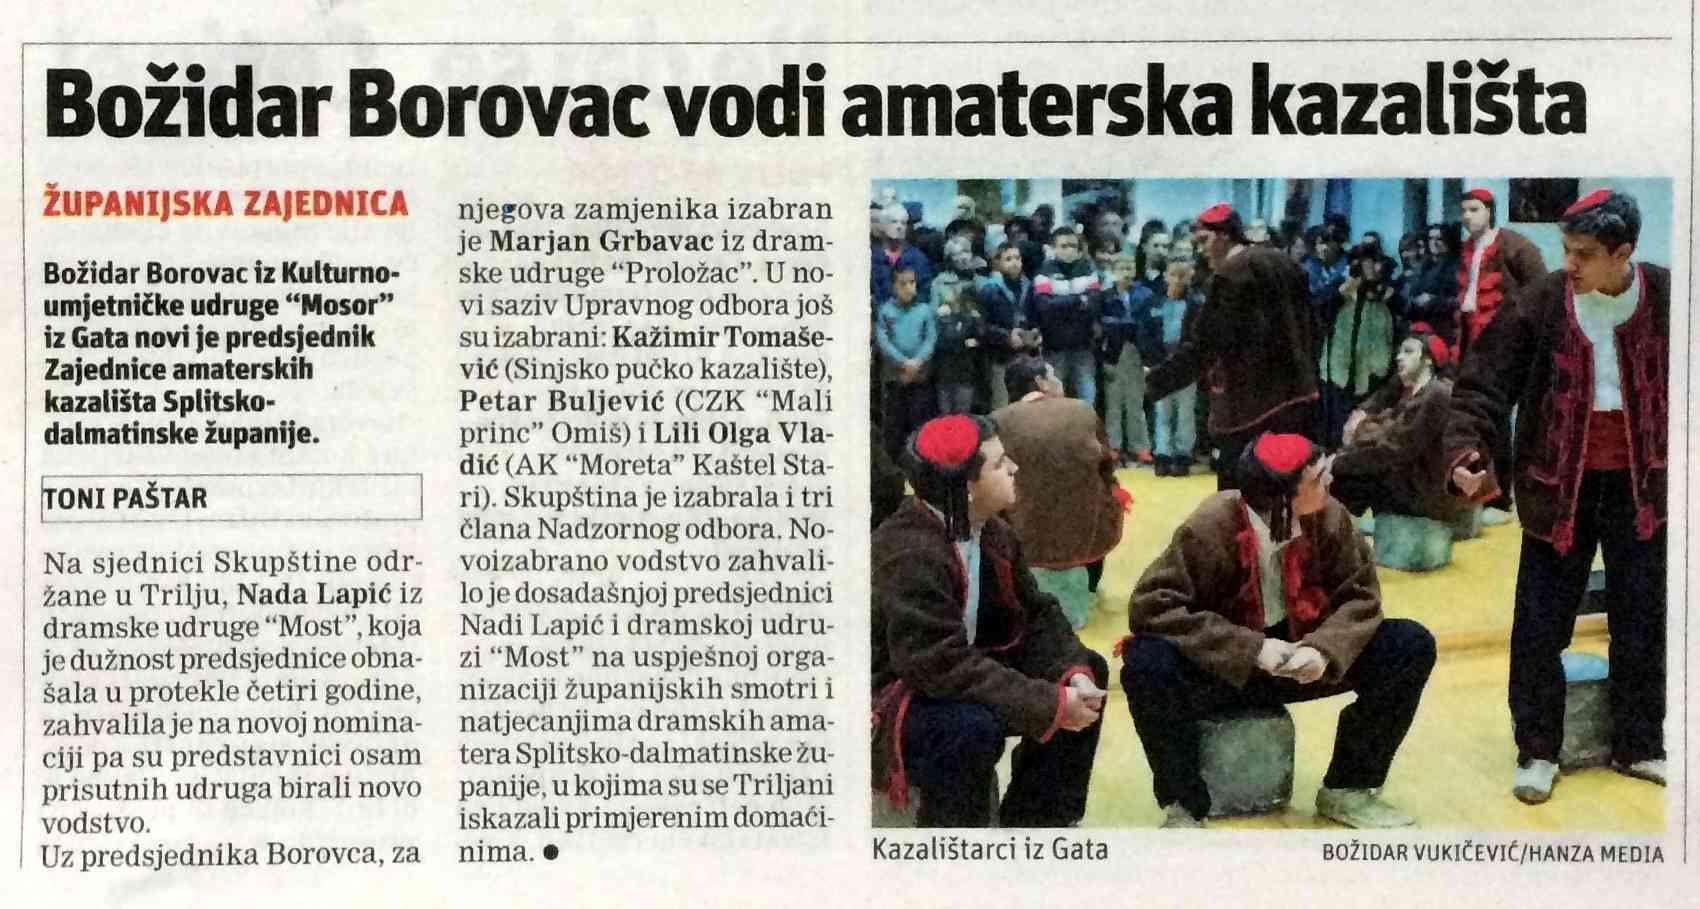 """ČESTITKE BOŽIDARU BOROVCU I KUU """"MOSOR"""" IZ GATA"""